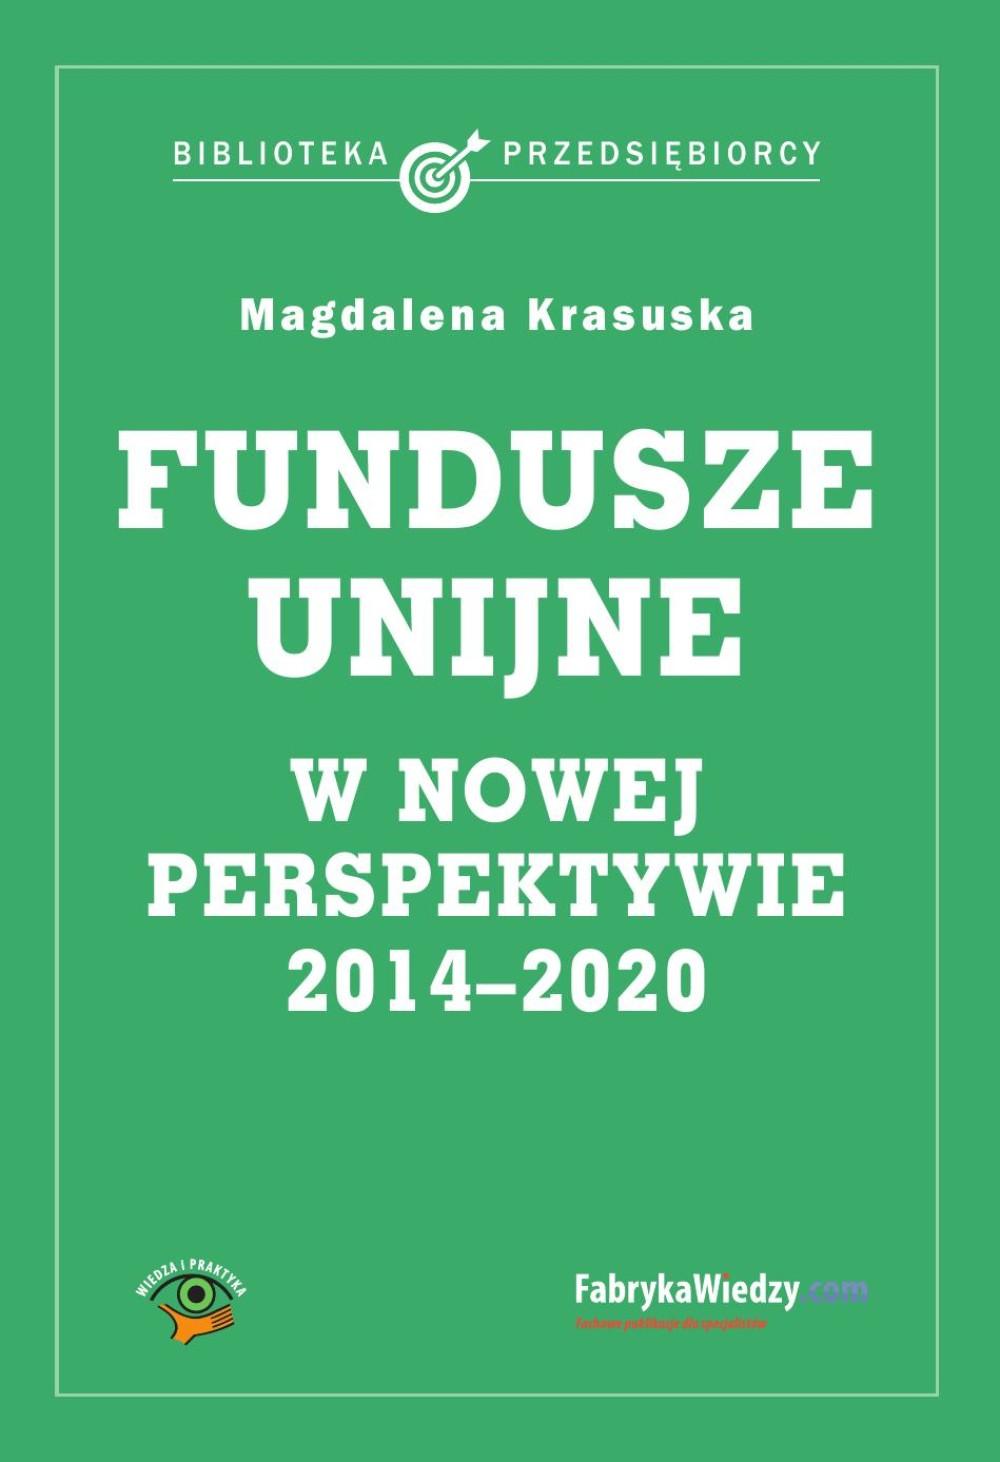 :: Fundusze unijne w nowej perspektywie - ebook - pobierz e-book ::